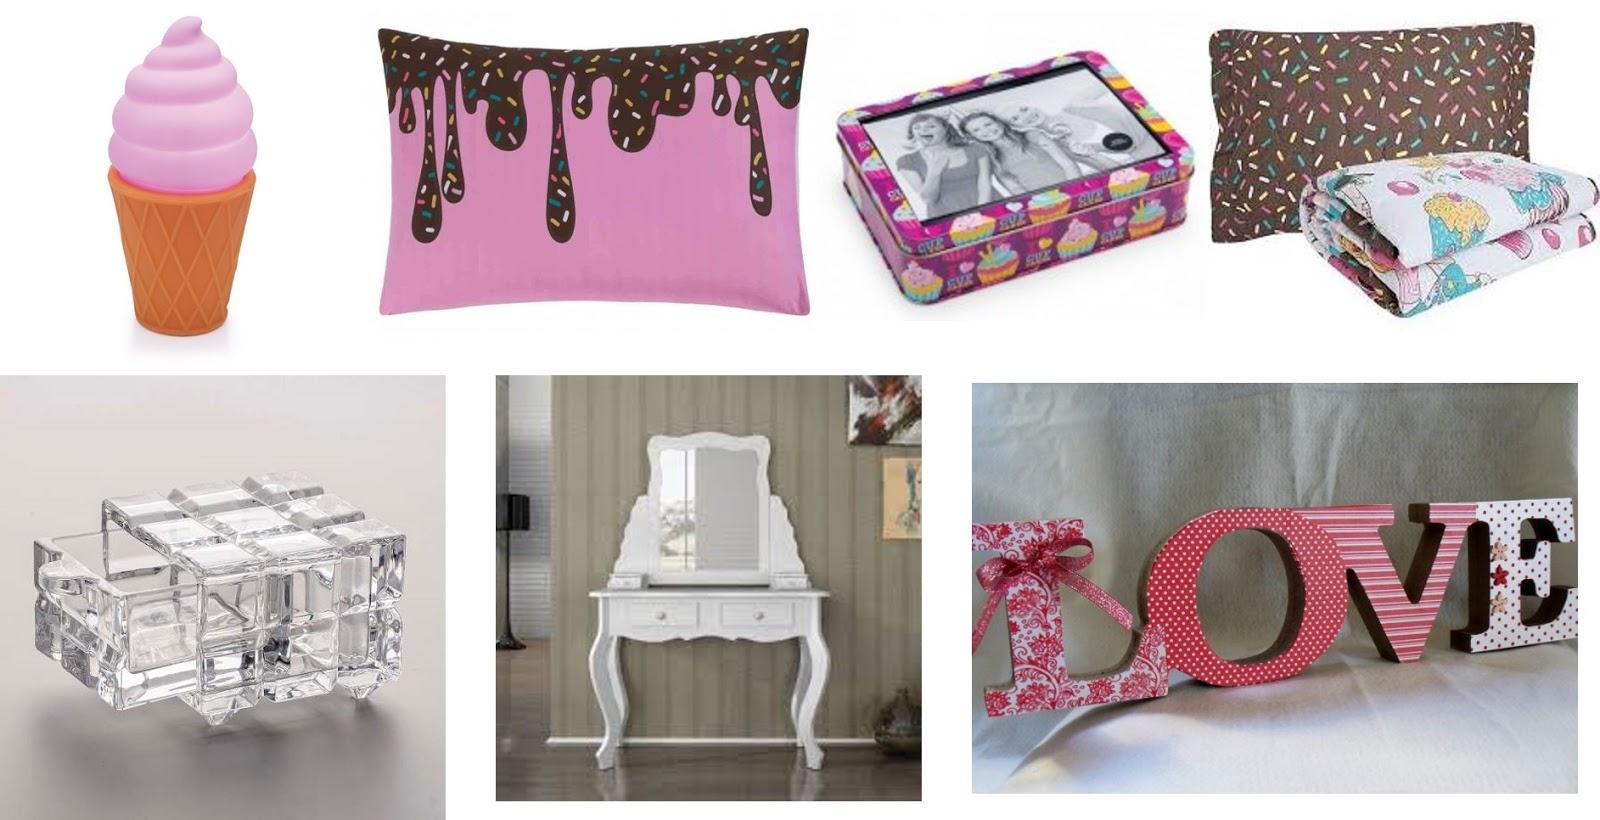 Espa o dividido objetos decorativos criativos - Objetos decorativos para salon ...